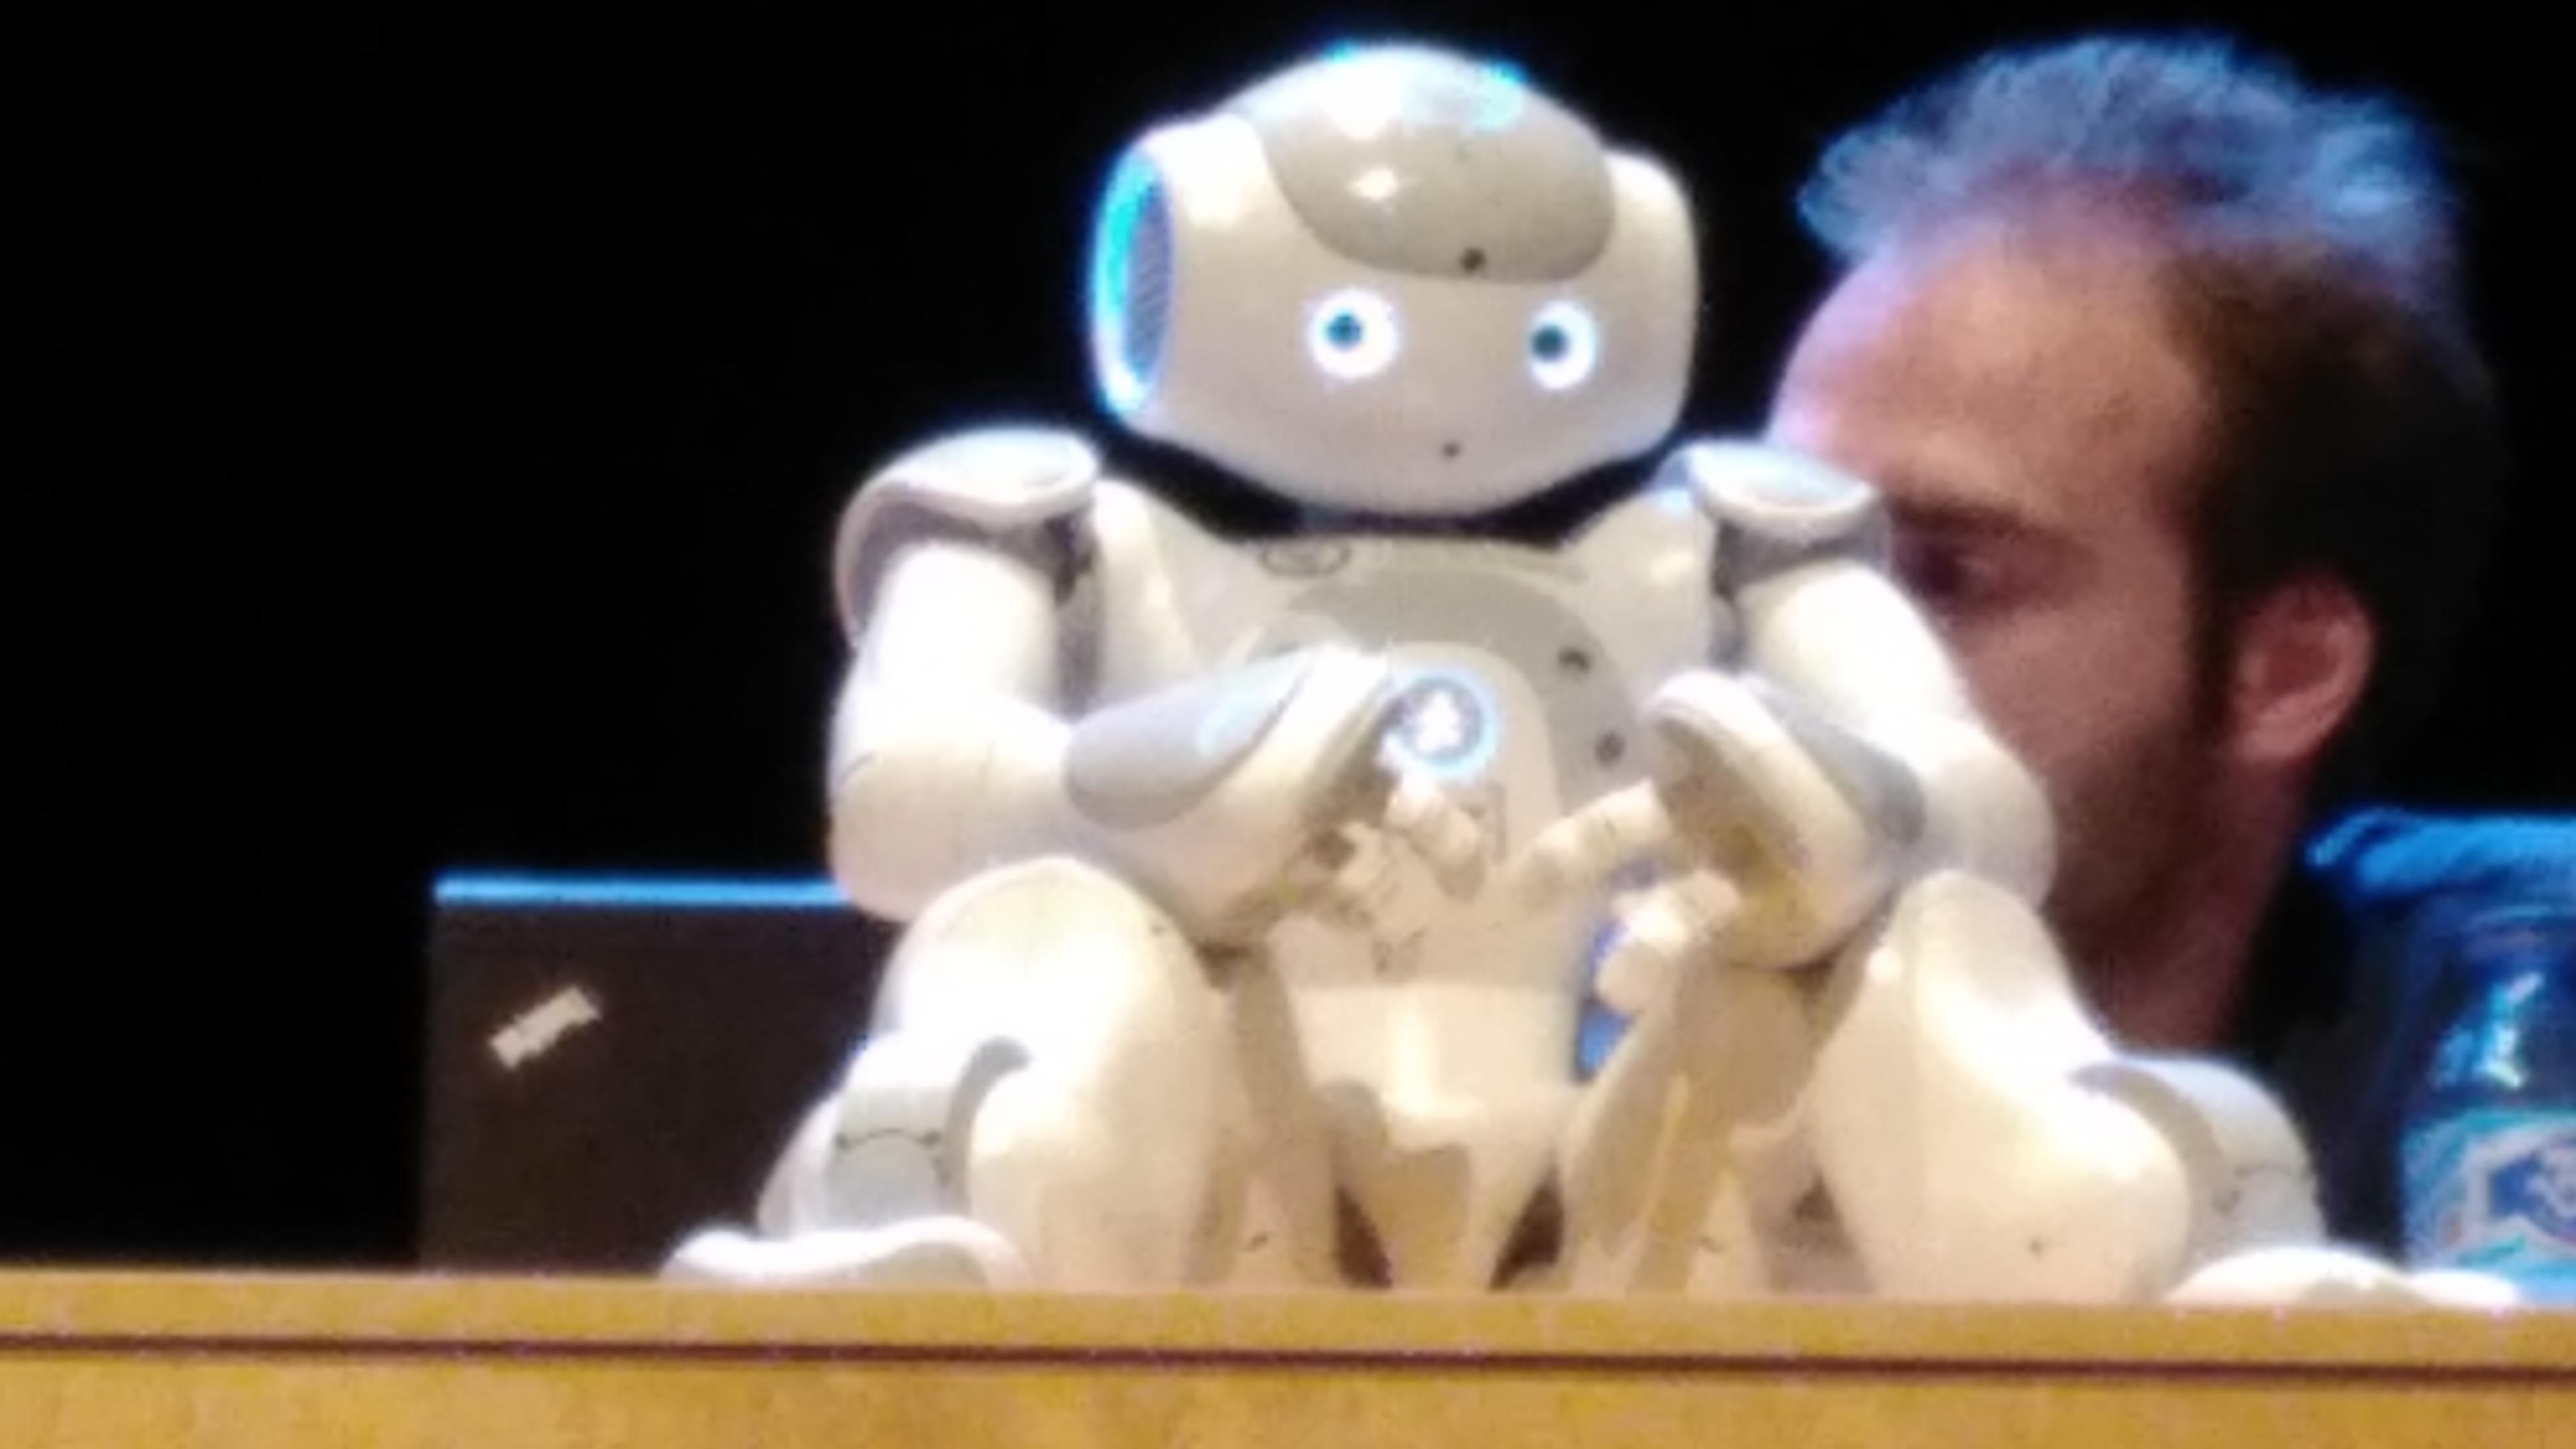 I Jornada de Programación, Robótica e Impresión 3D en educación para adultos. 04-04-2017 21